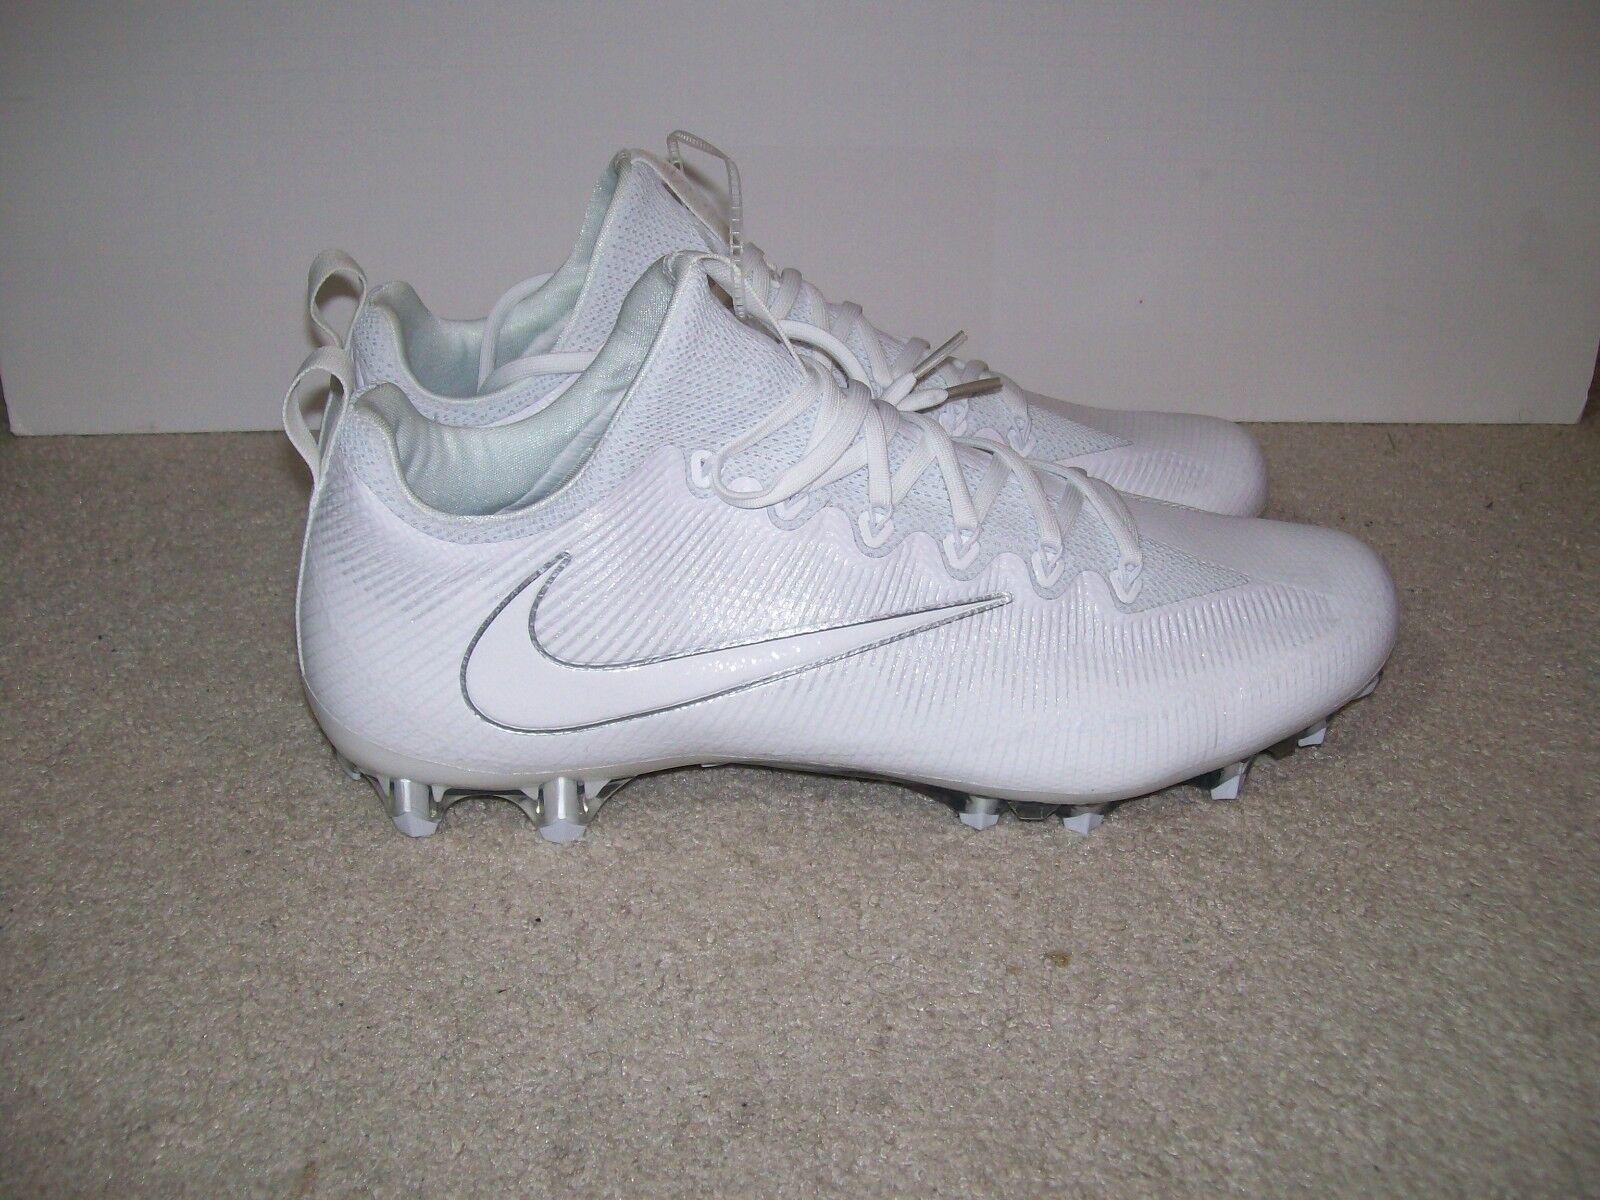 SZ 15 NEW Mens Nike Vapor Untouchable Pro Football Cleats White White 833385-110